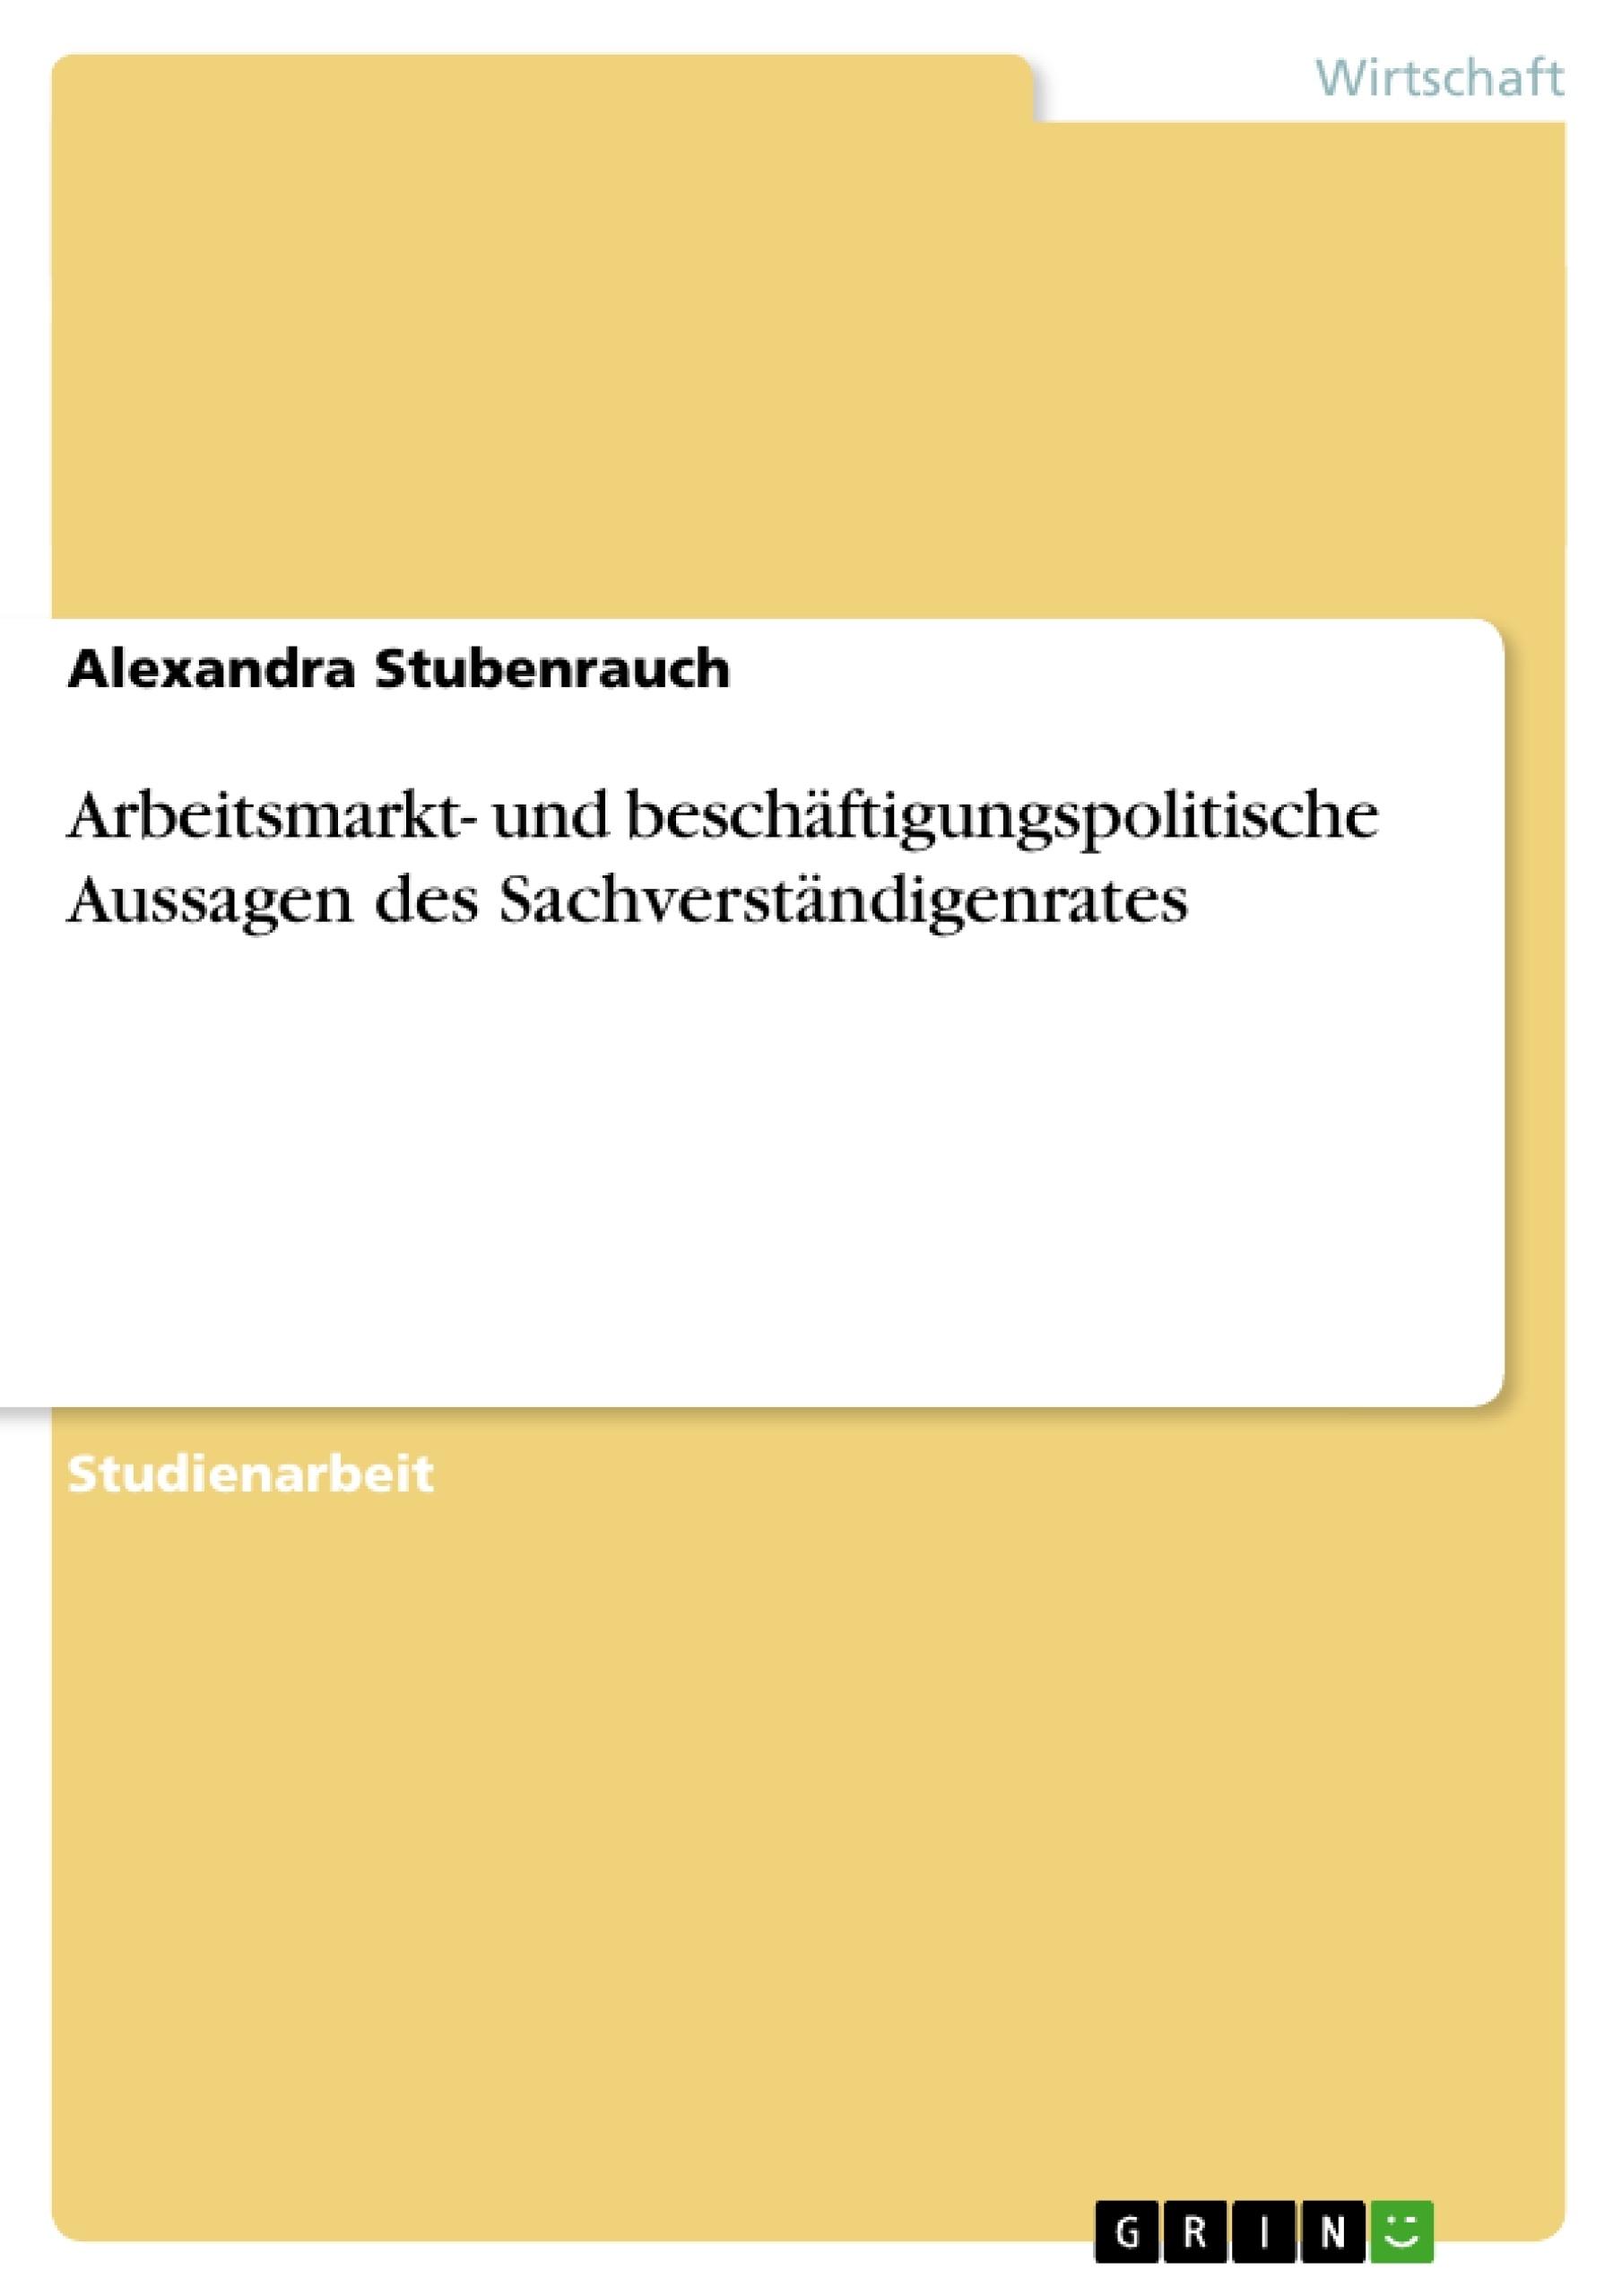 Titel: Arbeitsmarkt- und beschäftigungspolitische Aussagen des Sachverständigenrates